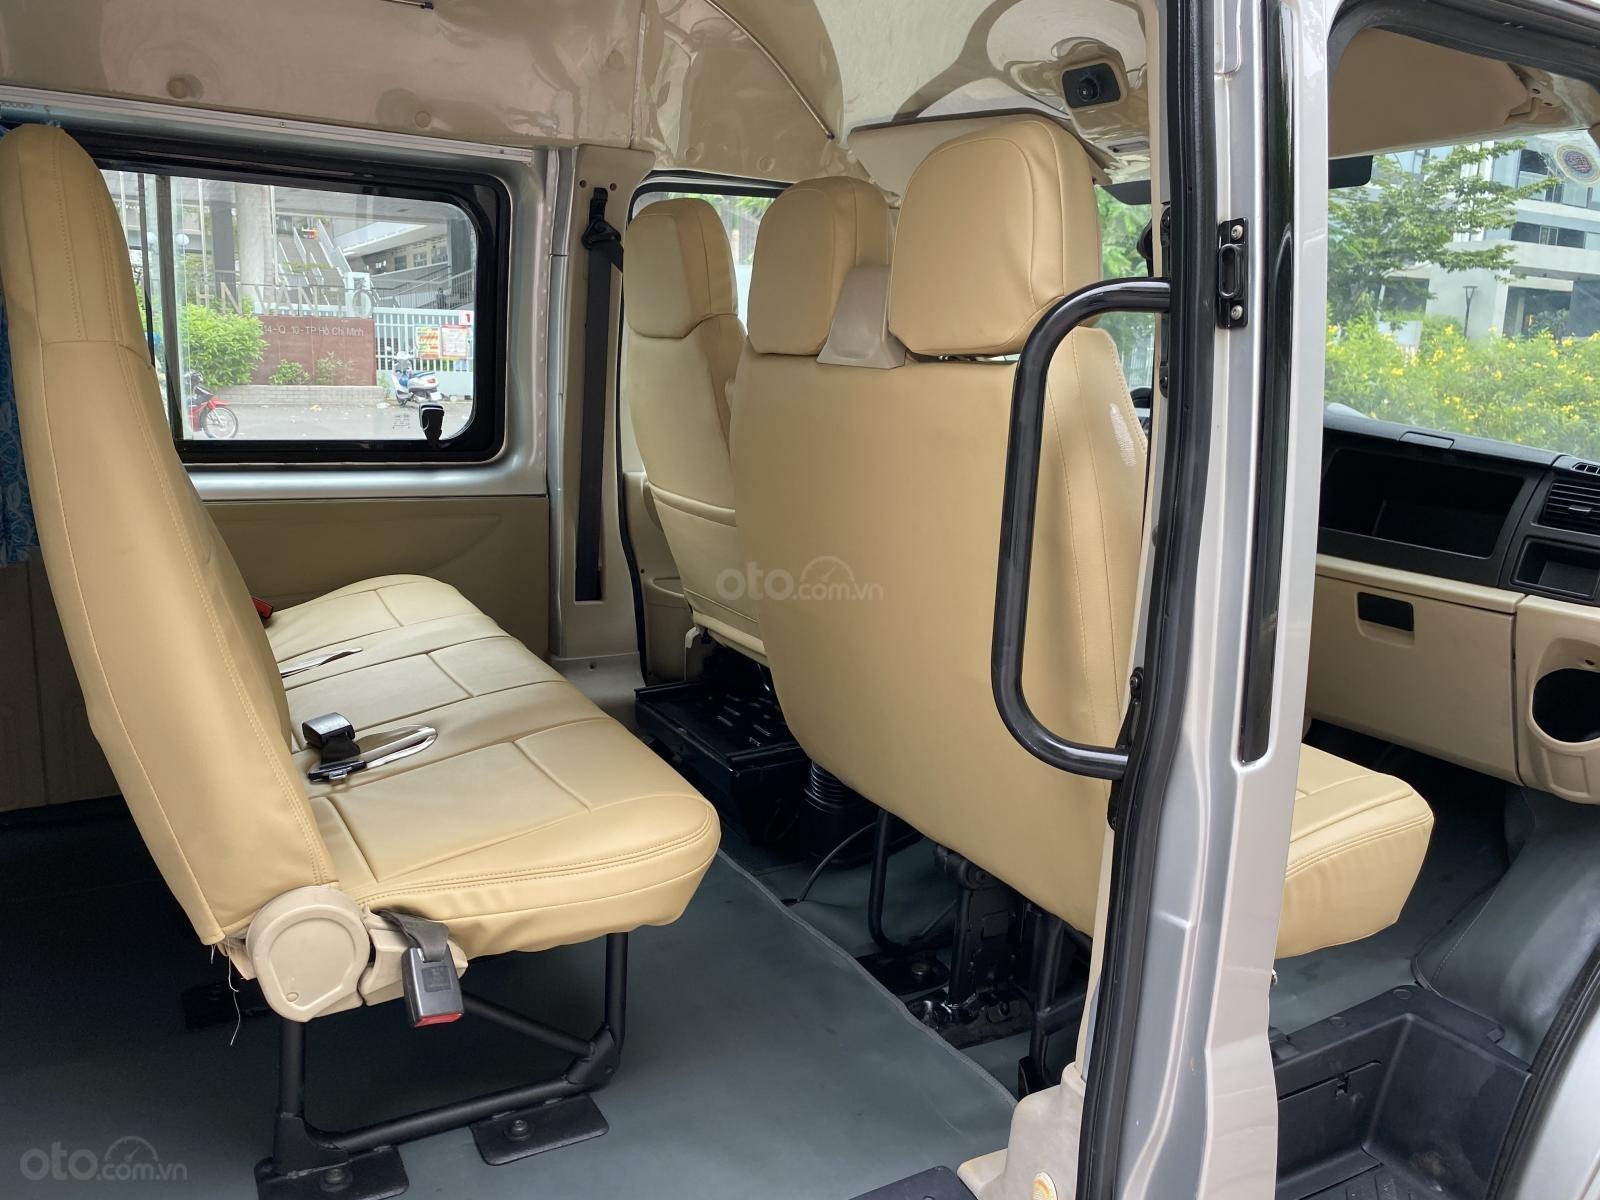 Cần bán Ford Transit van 6 chỗ ngồi 850kg sx 2015, gầm bệ chắc, xe đẹp được sử dụng lưu hành trong giờ cấm (11)